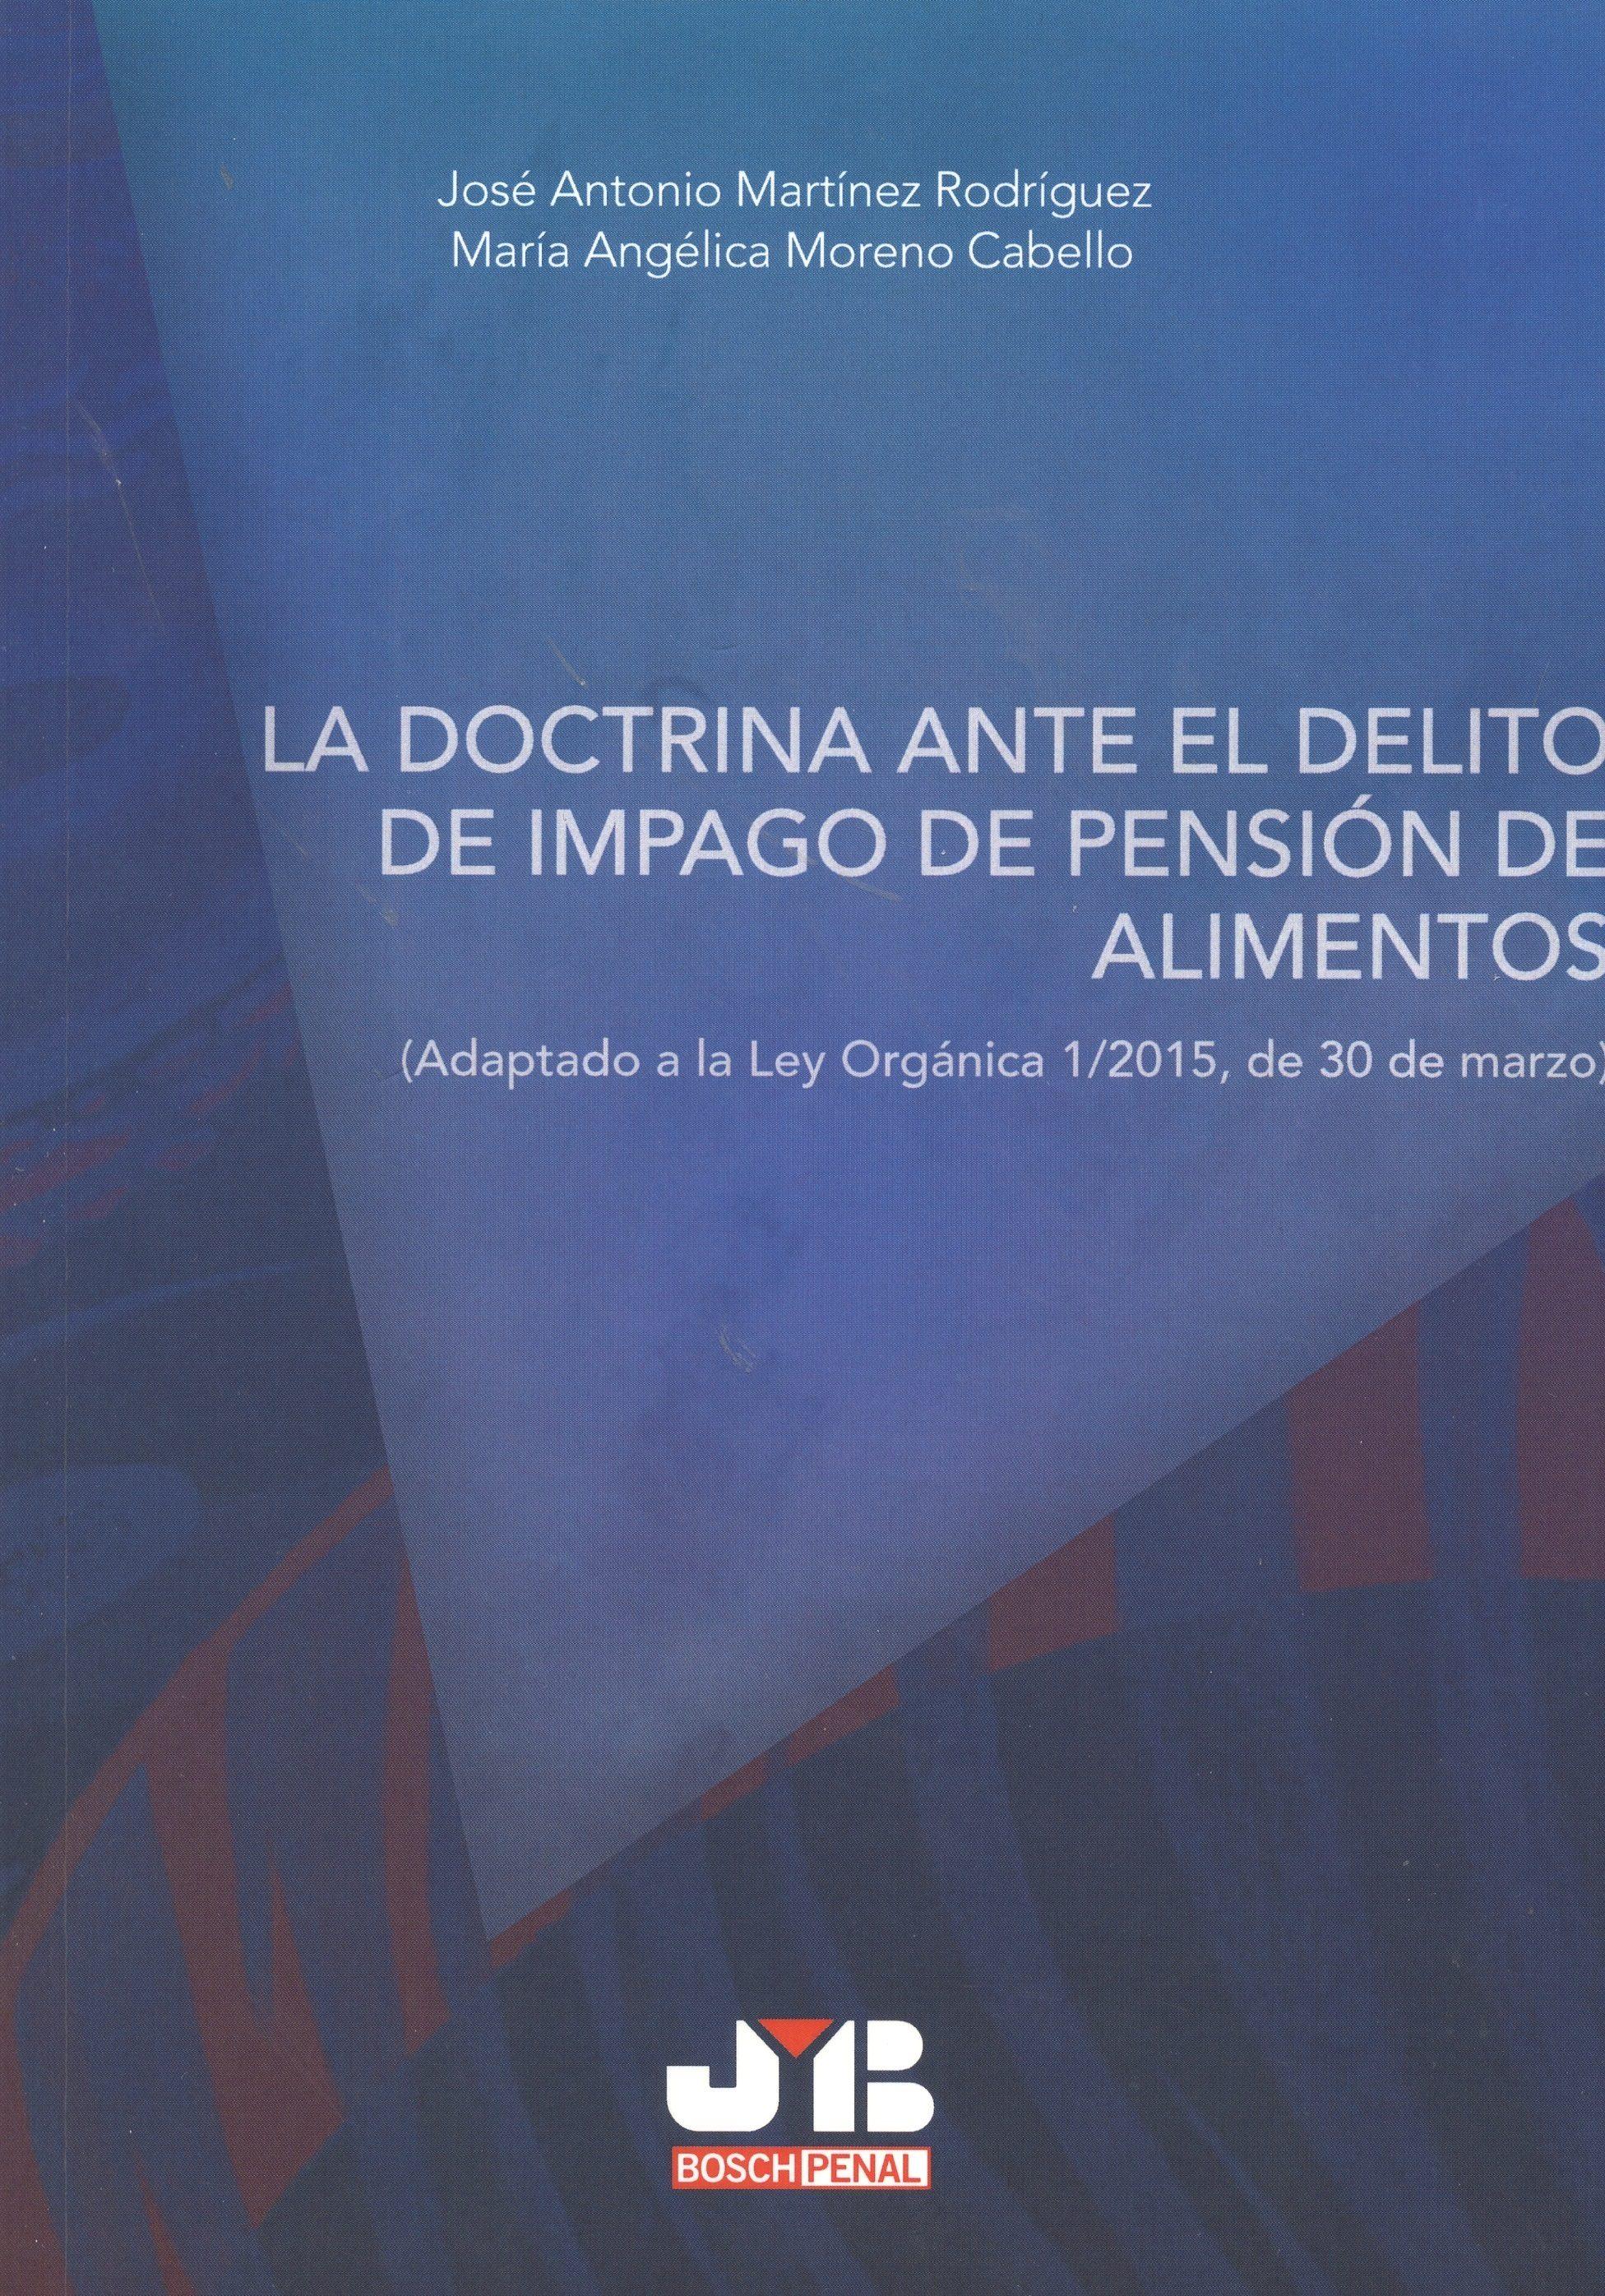 la doctrina ante el delito de impago de pension de alimentos (adaptado a la ley orgánica 1/2015, de 30 de marzo)-jose antonio martinez rodriguez-9788494483646